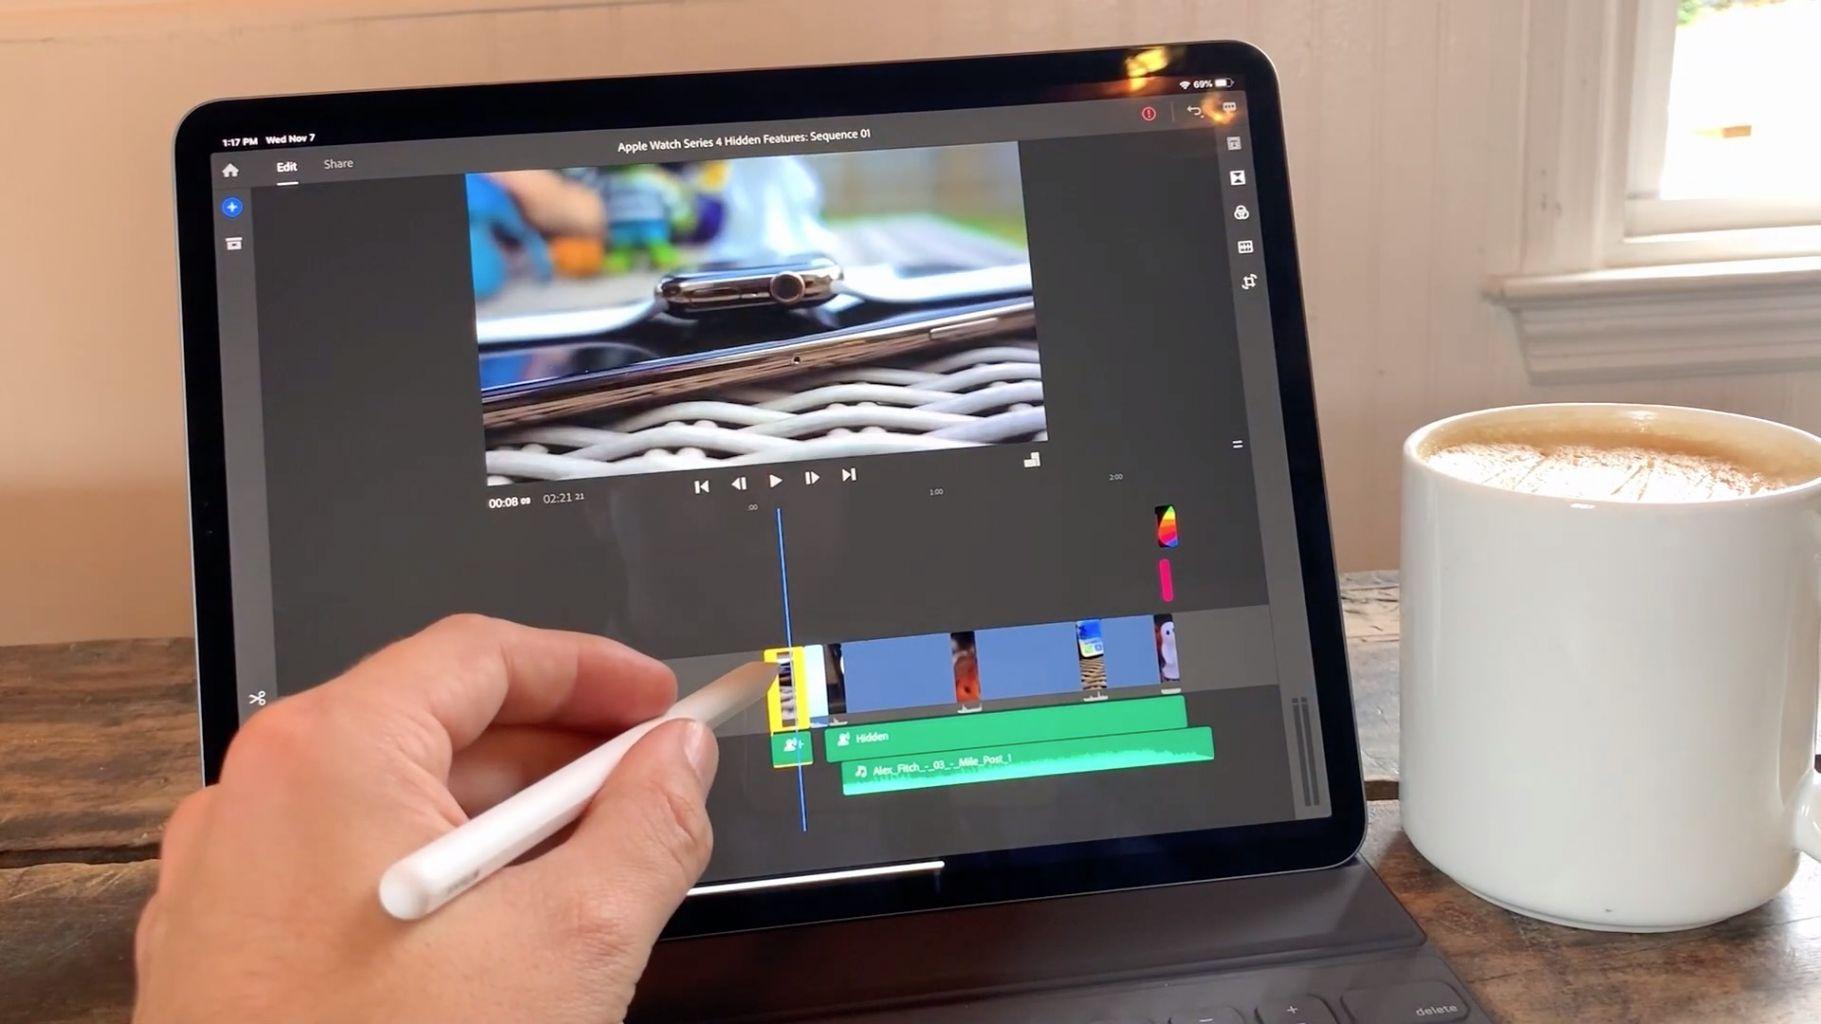 iPad Pro想取代PC?iOS 13需解决7个问题的照片 - 5